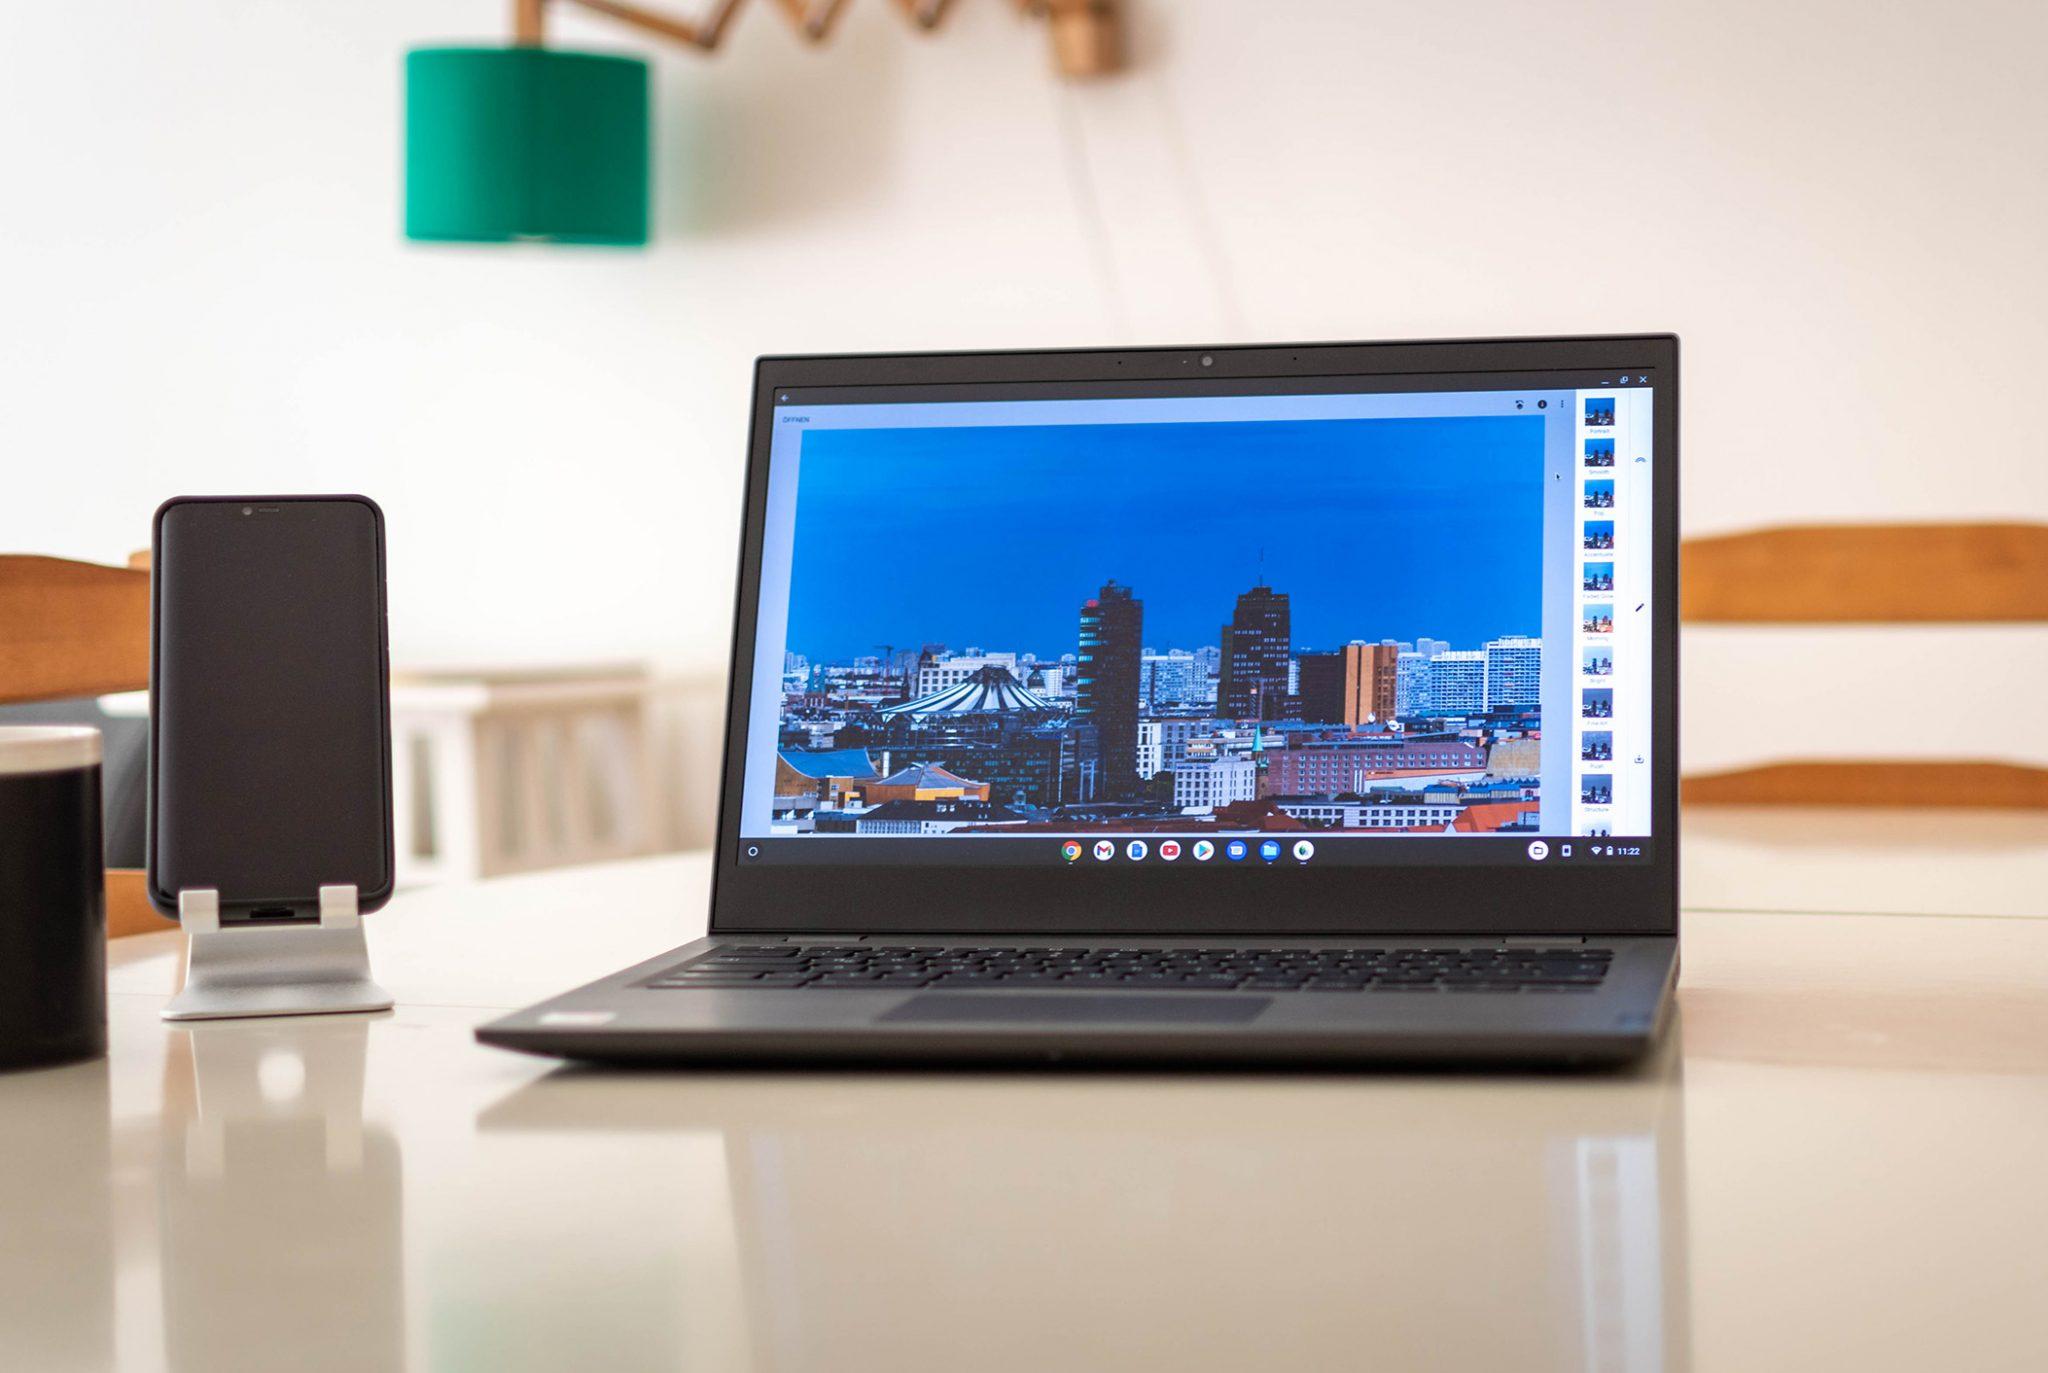 inexpensive laptops